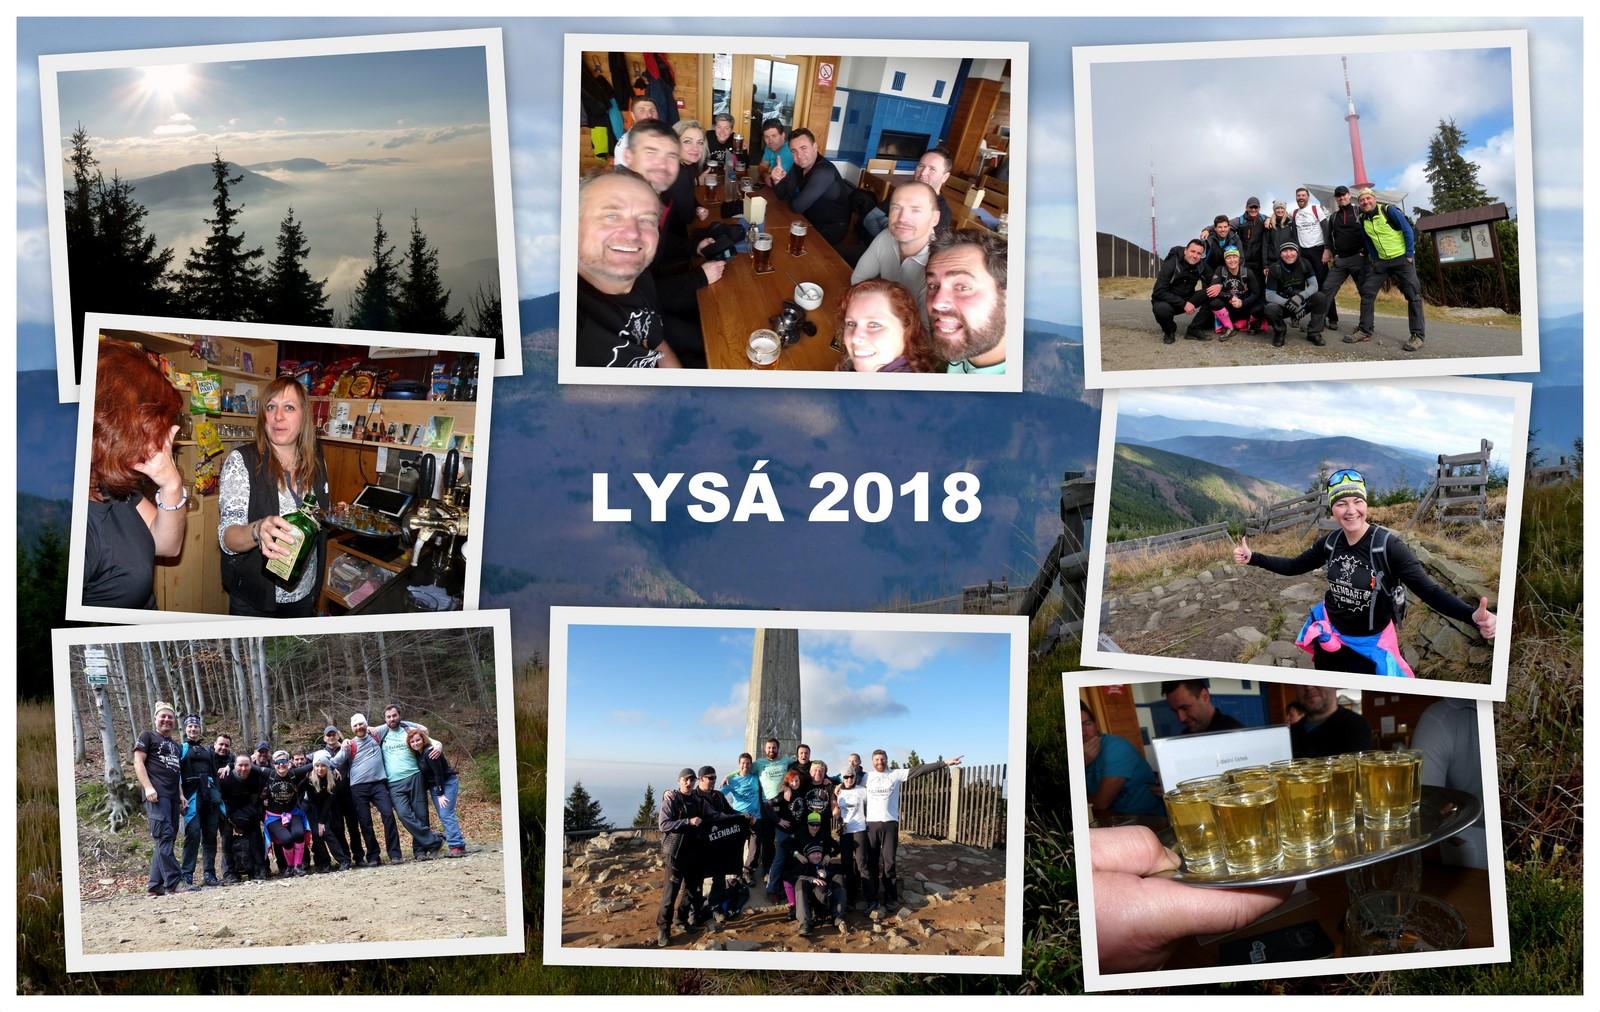 cajk Lysá 2018